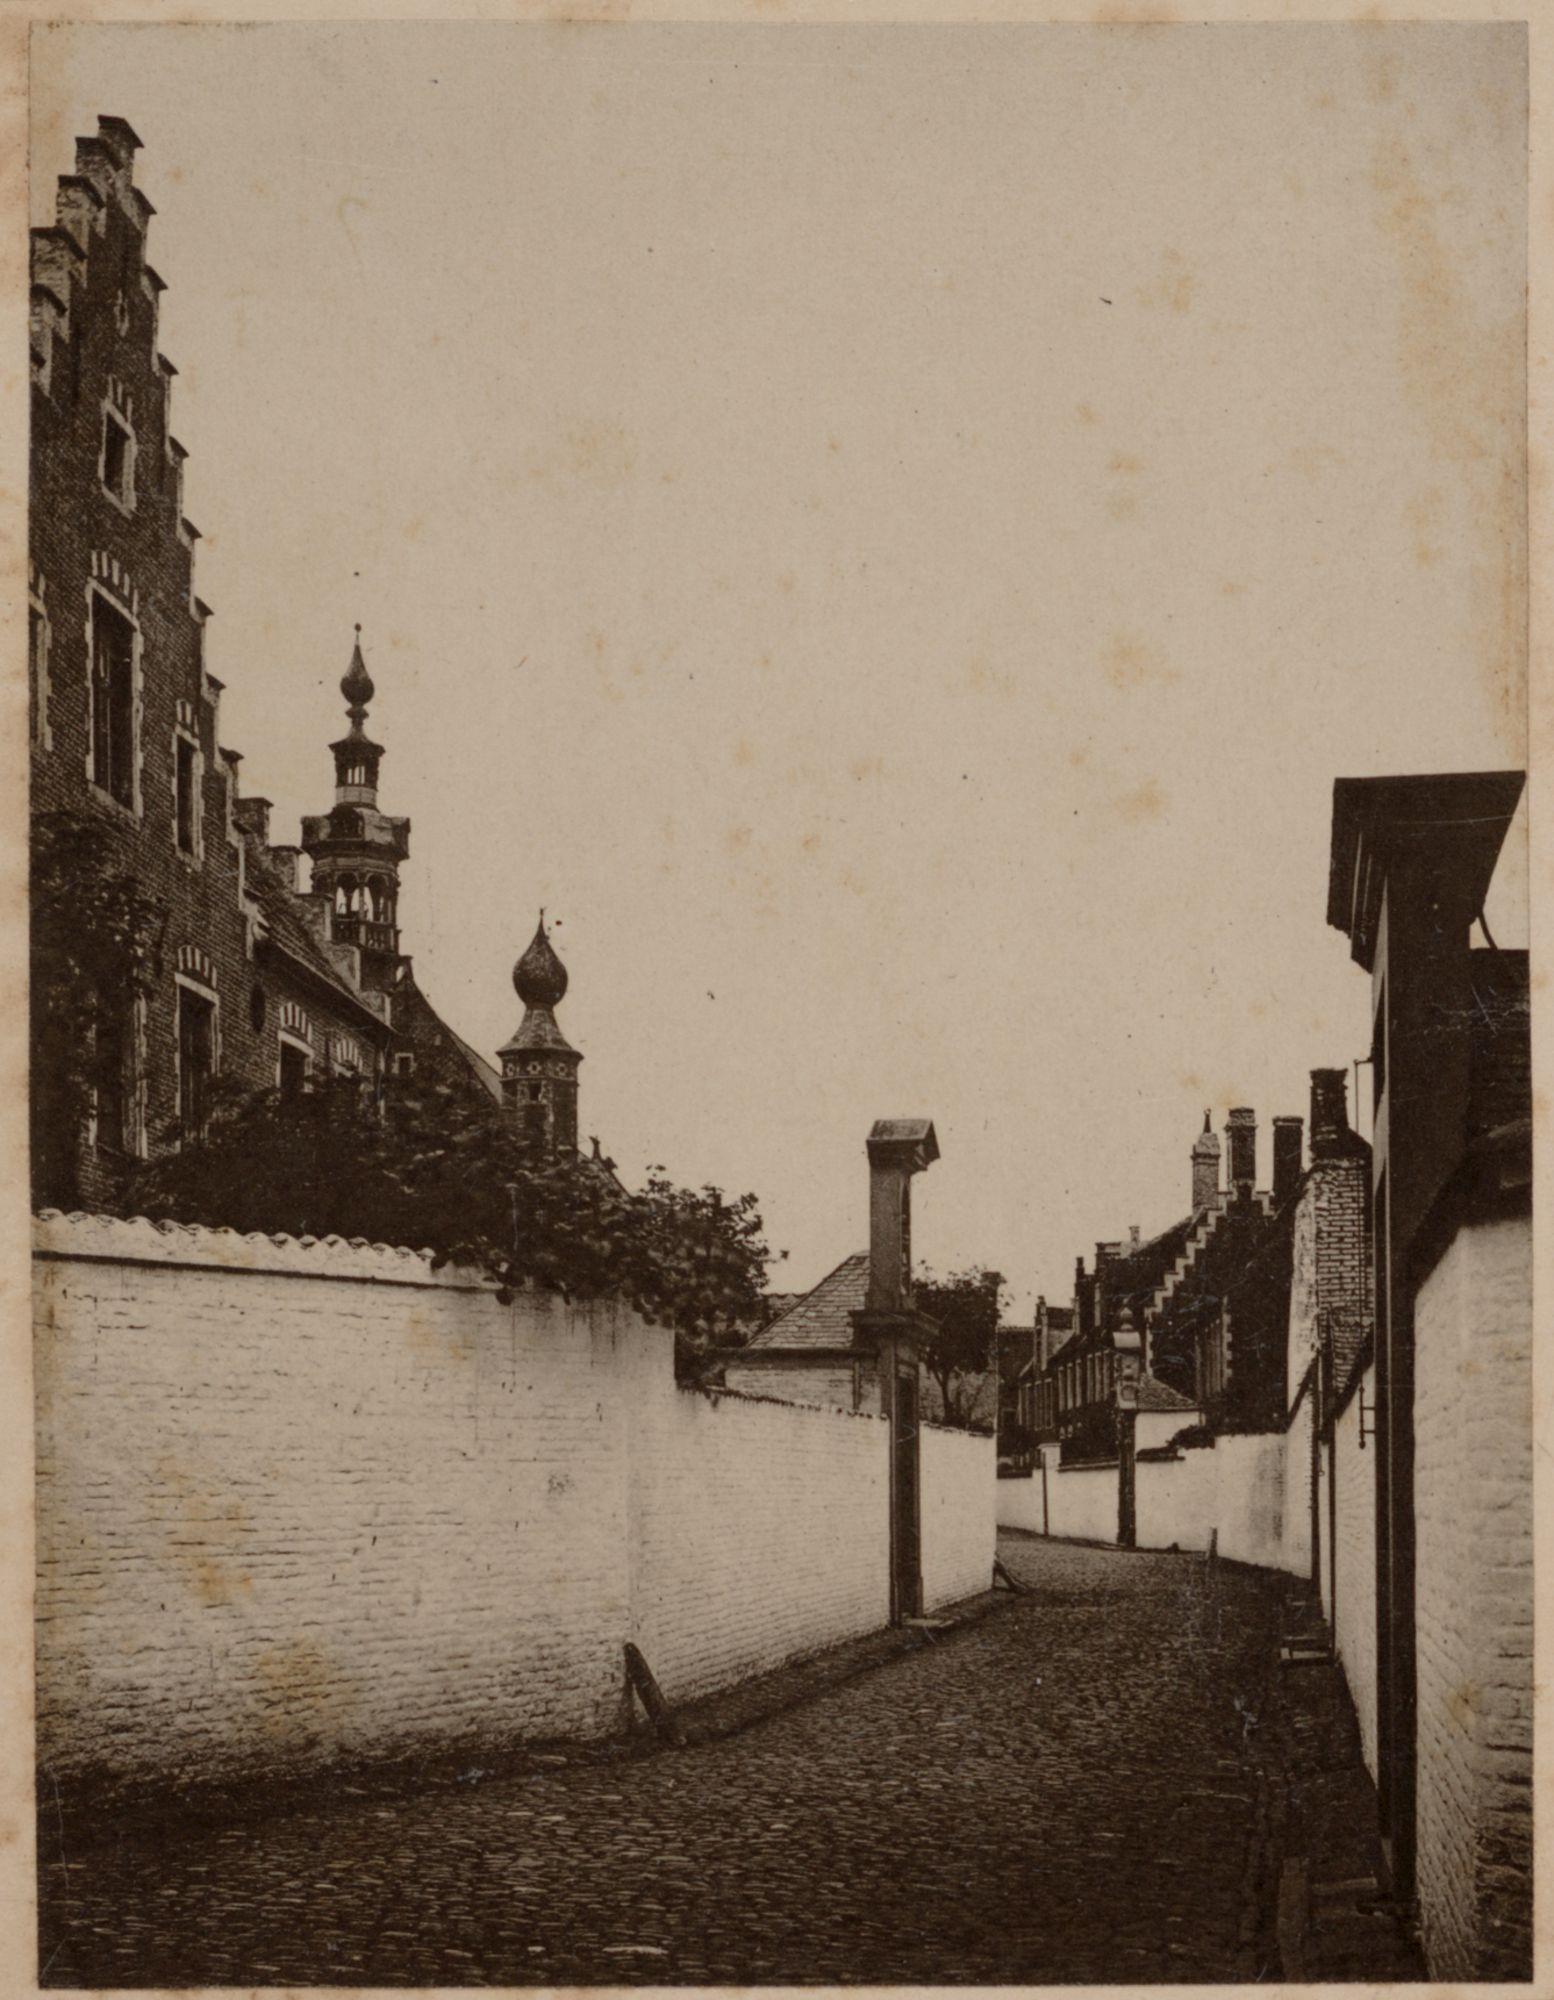 Gent: Sint-Elisabethbegijnhof: Edmond Boonenstraat, voor 1877